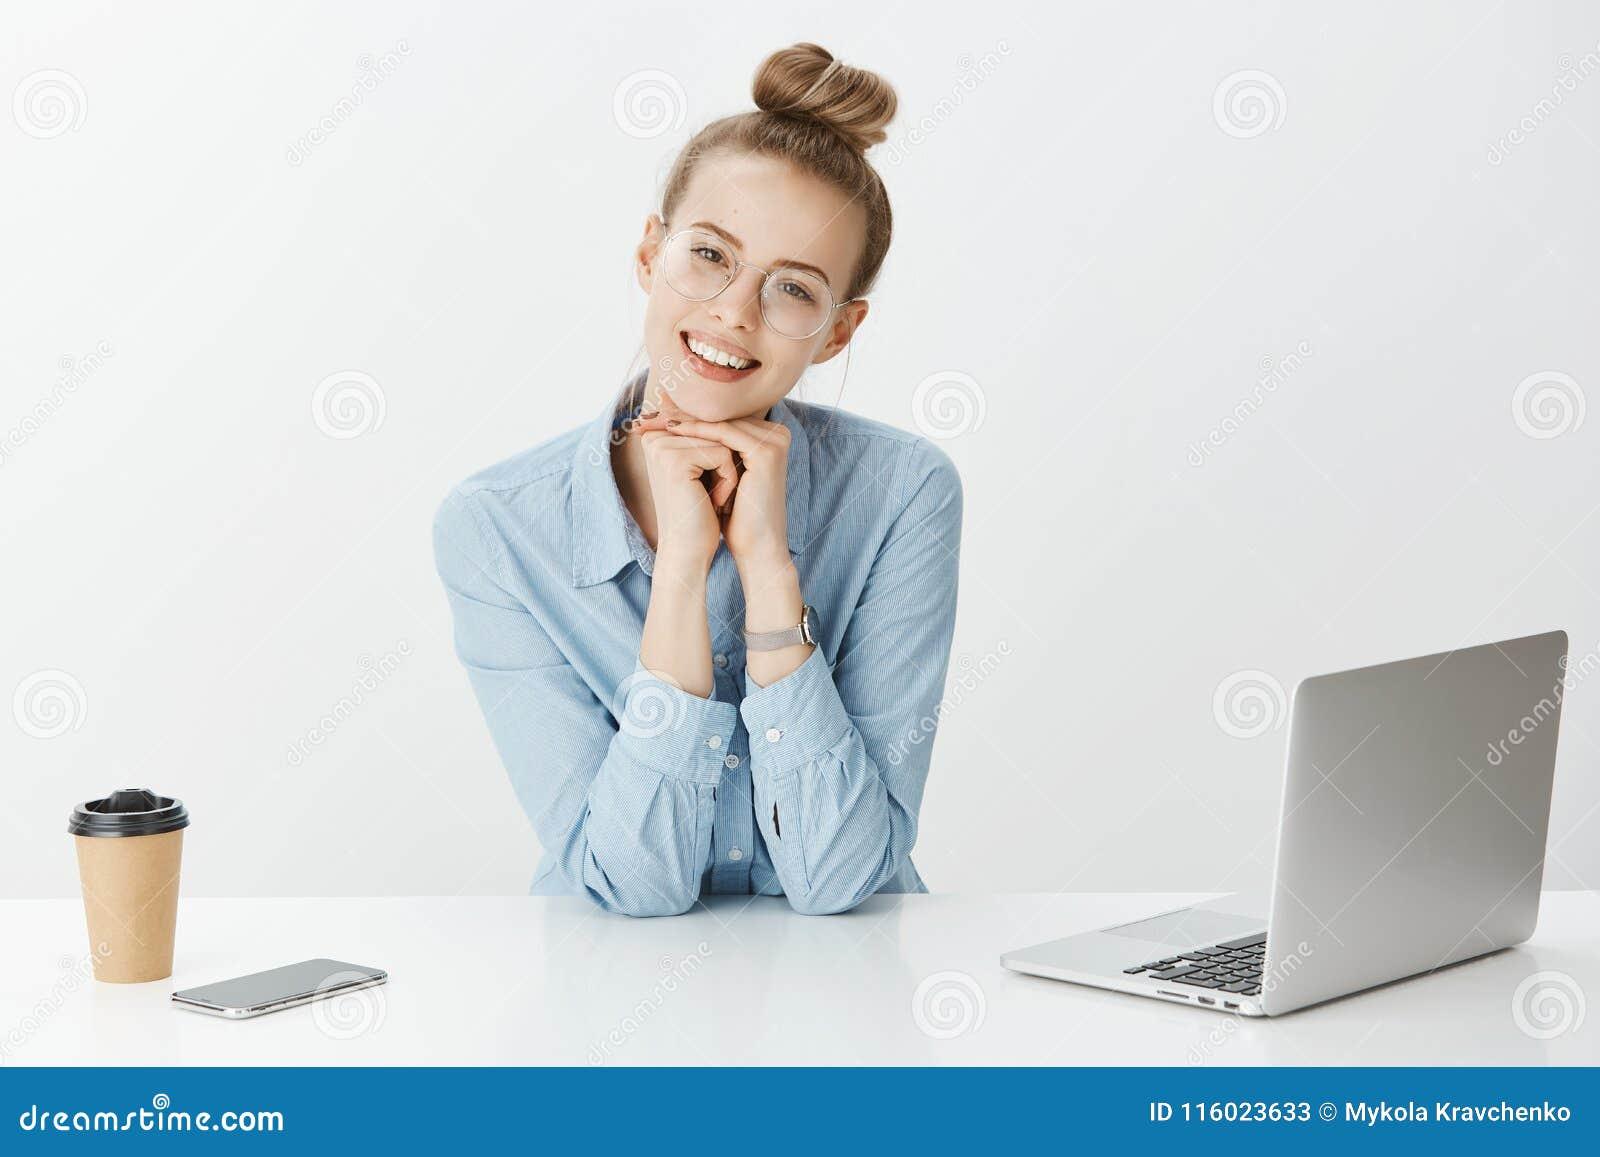 Retrato del compañero de trabajo femenino europeo feliz enfocado en vidrios, cabeza que se inclina en las manos y la mirada con s